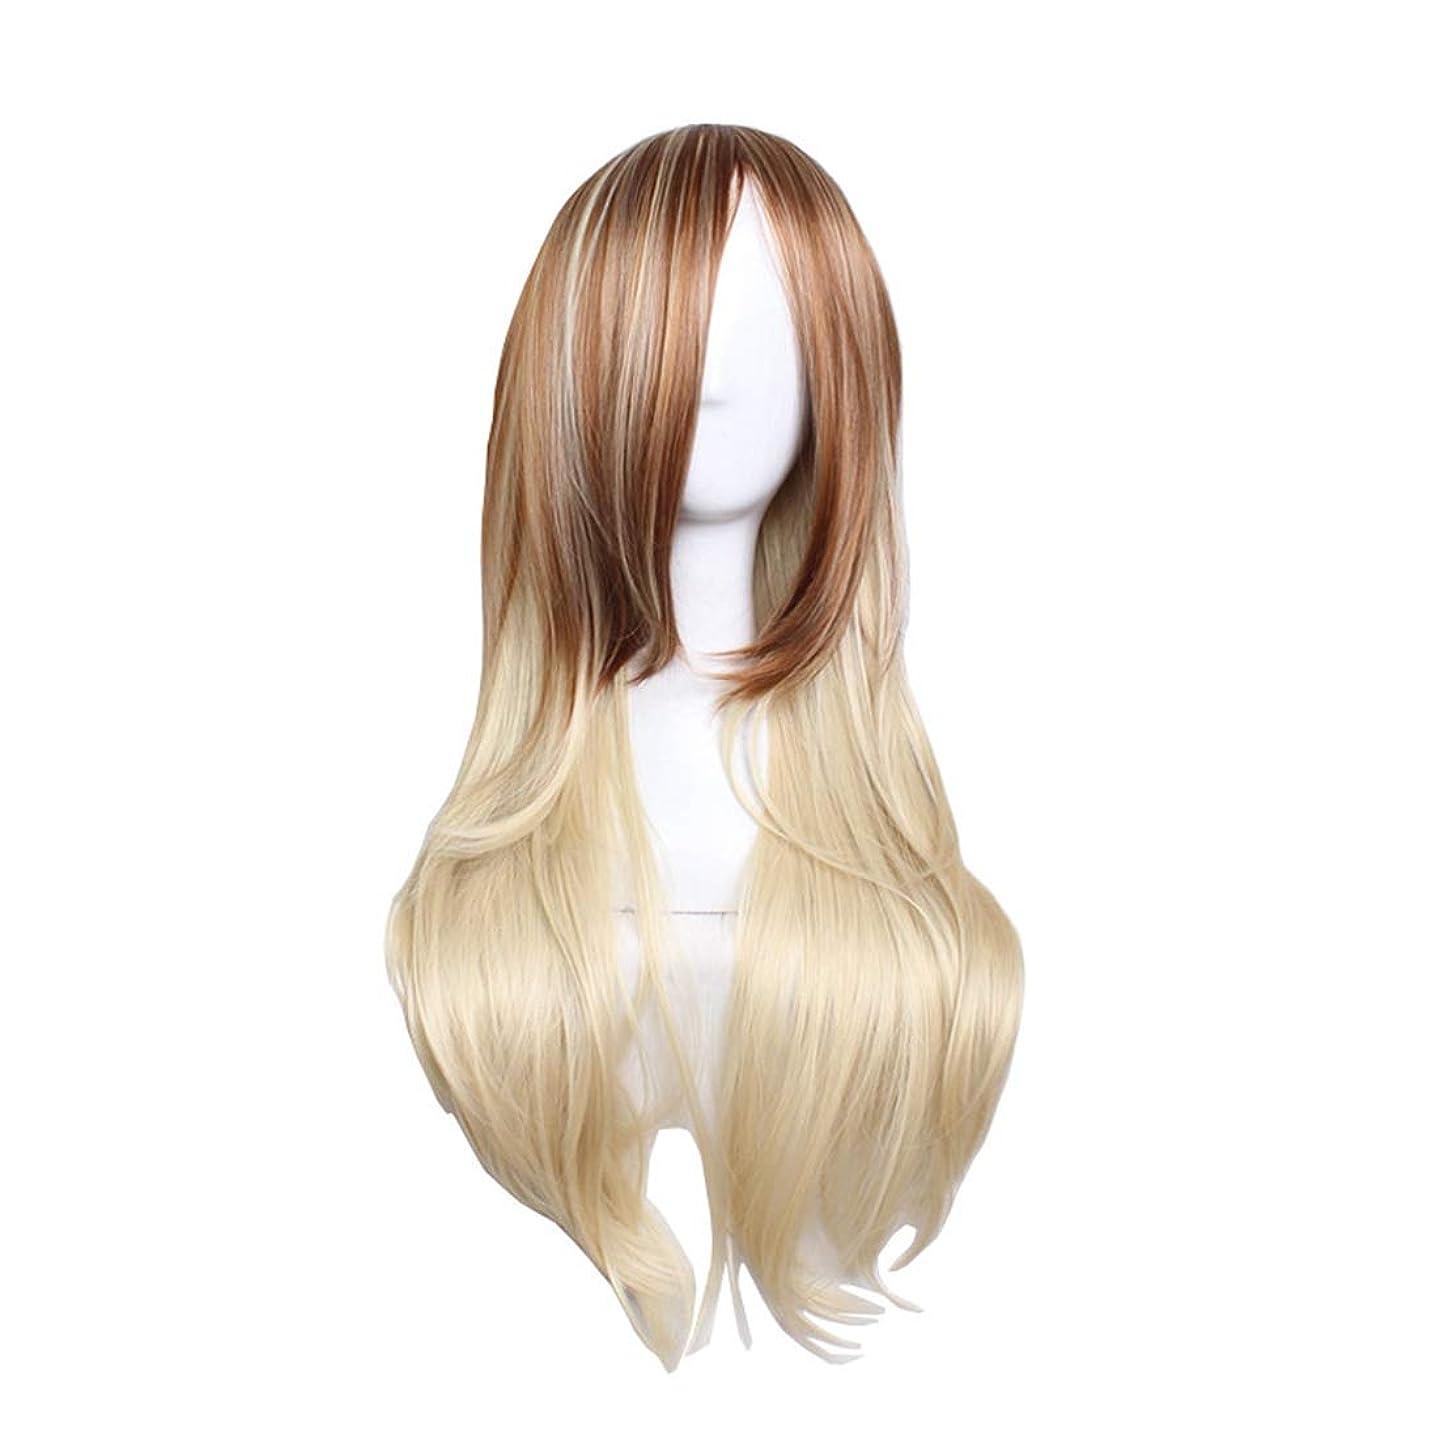 近代化する代数的収まるKoloeplf コスプレ ファッション ロング バンズ 長い カーリー 髪 グラデーション ゴールデン ビッグ ウェーブ ウィッグ (Color : Brown gradient pale gold)